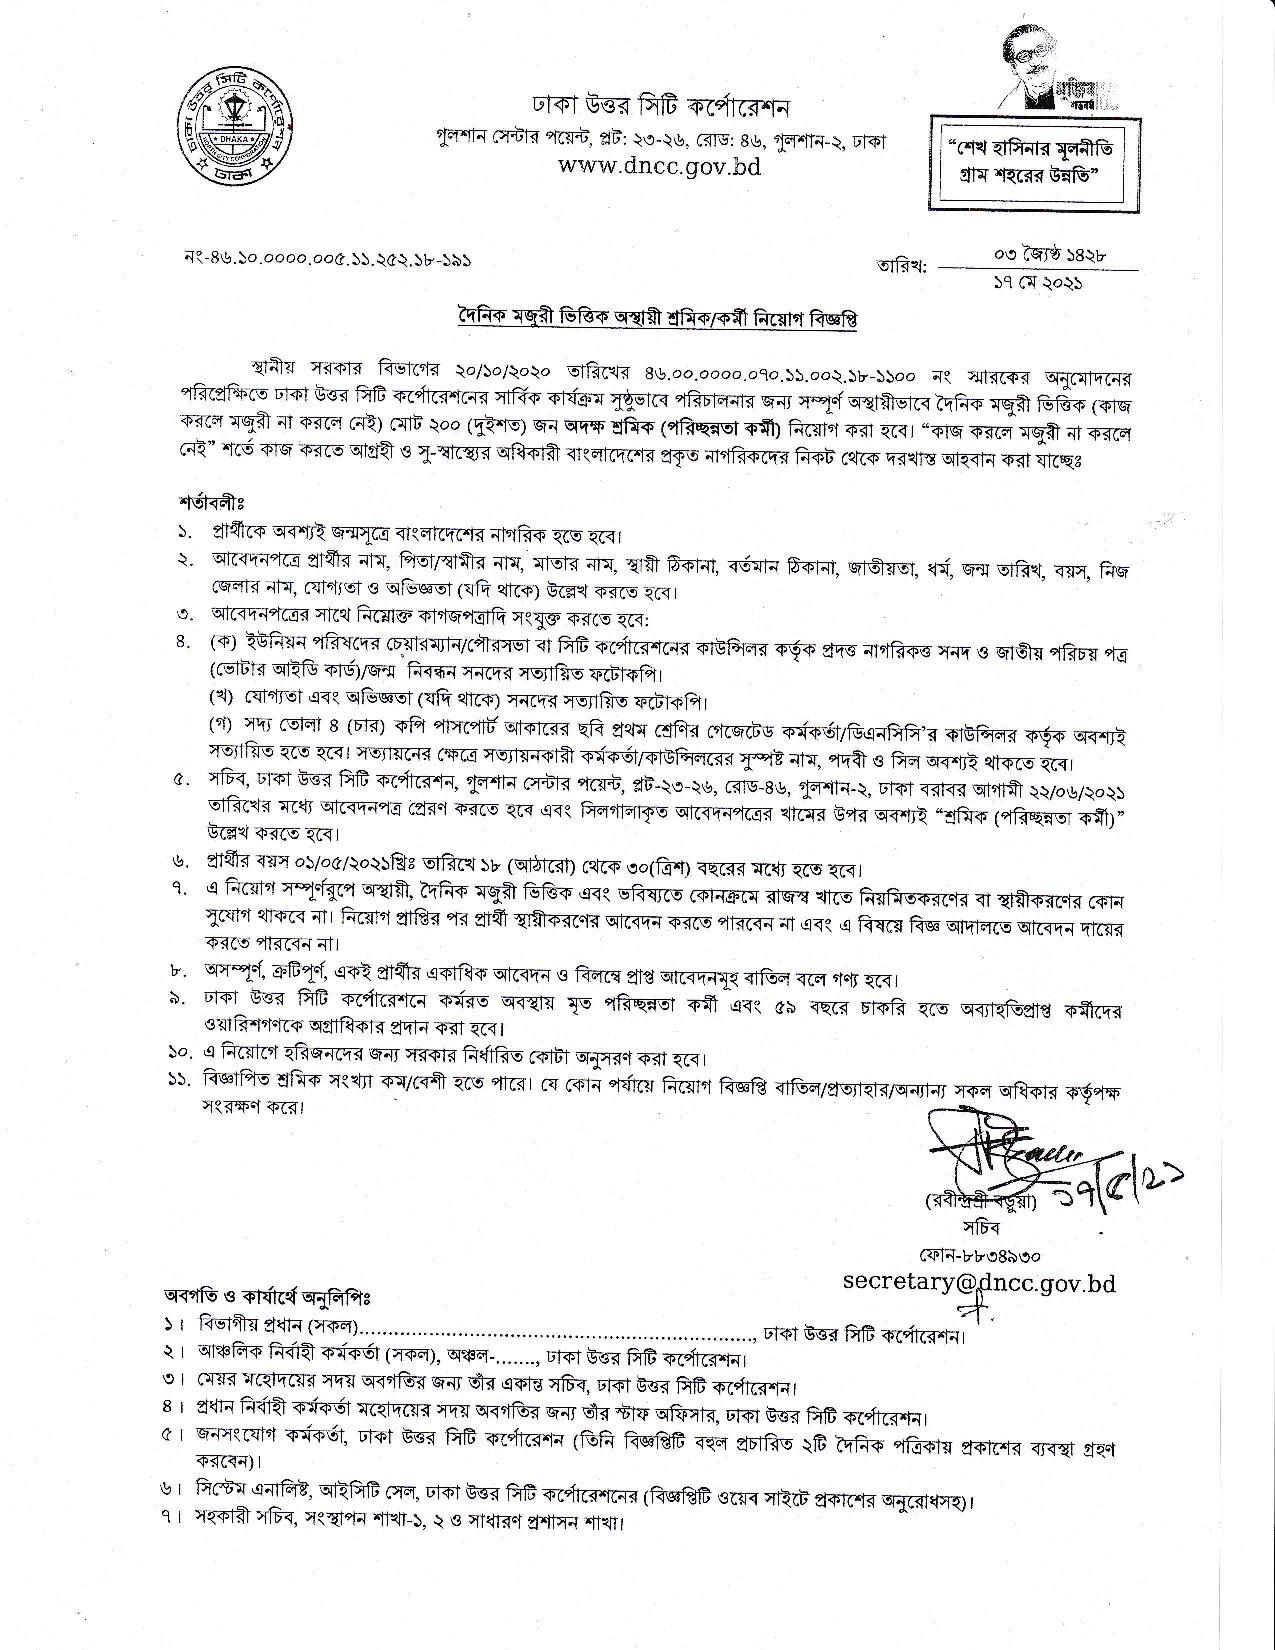 ঢাকা উত্তর সিটি কর্পোরেশন নিয়োগ বিজ্ঞপ্তি ২০২১ - Dhaka North City Corporation DNCC Job Circular 2021